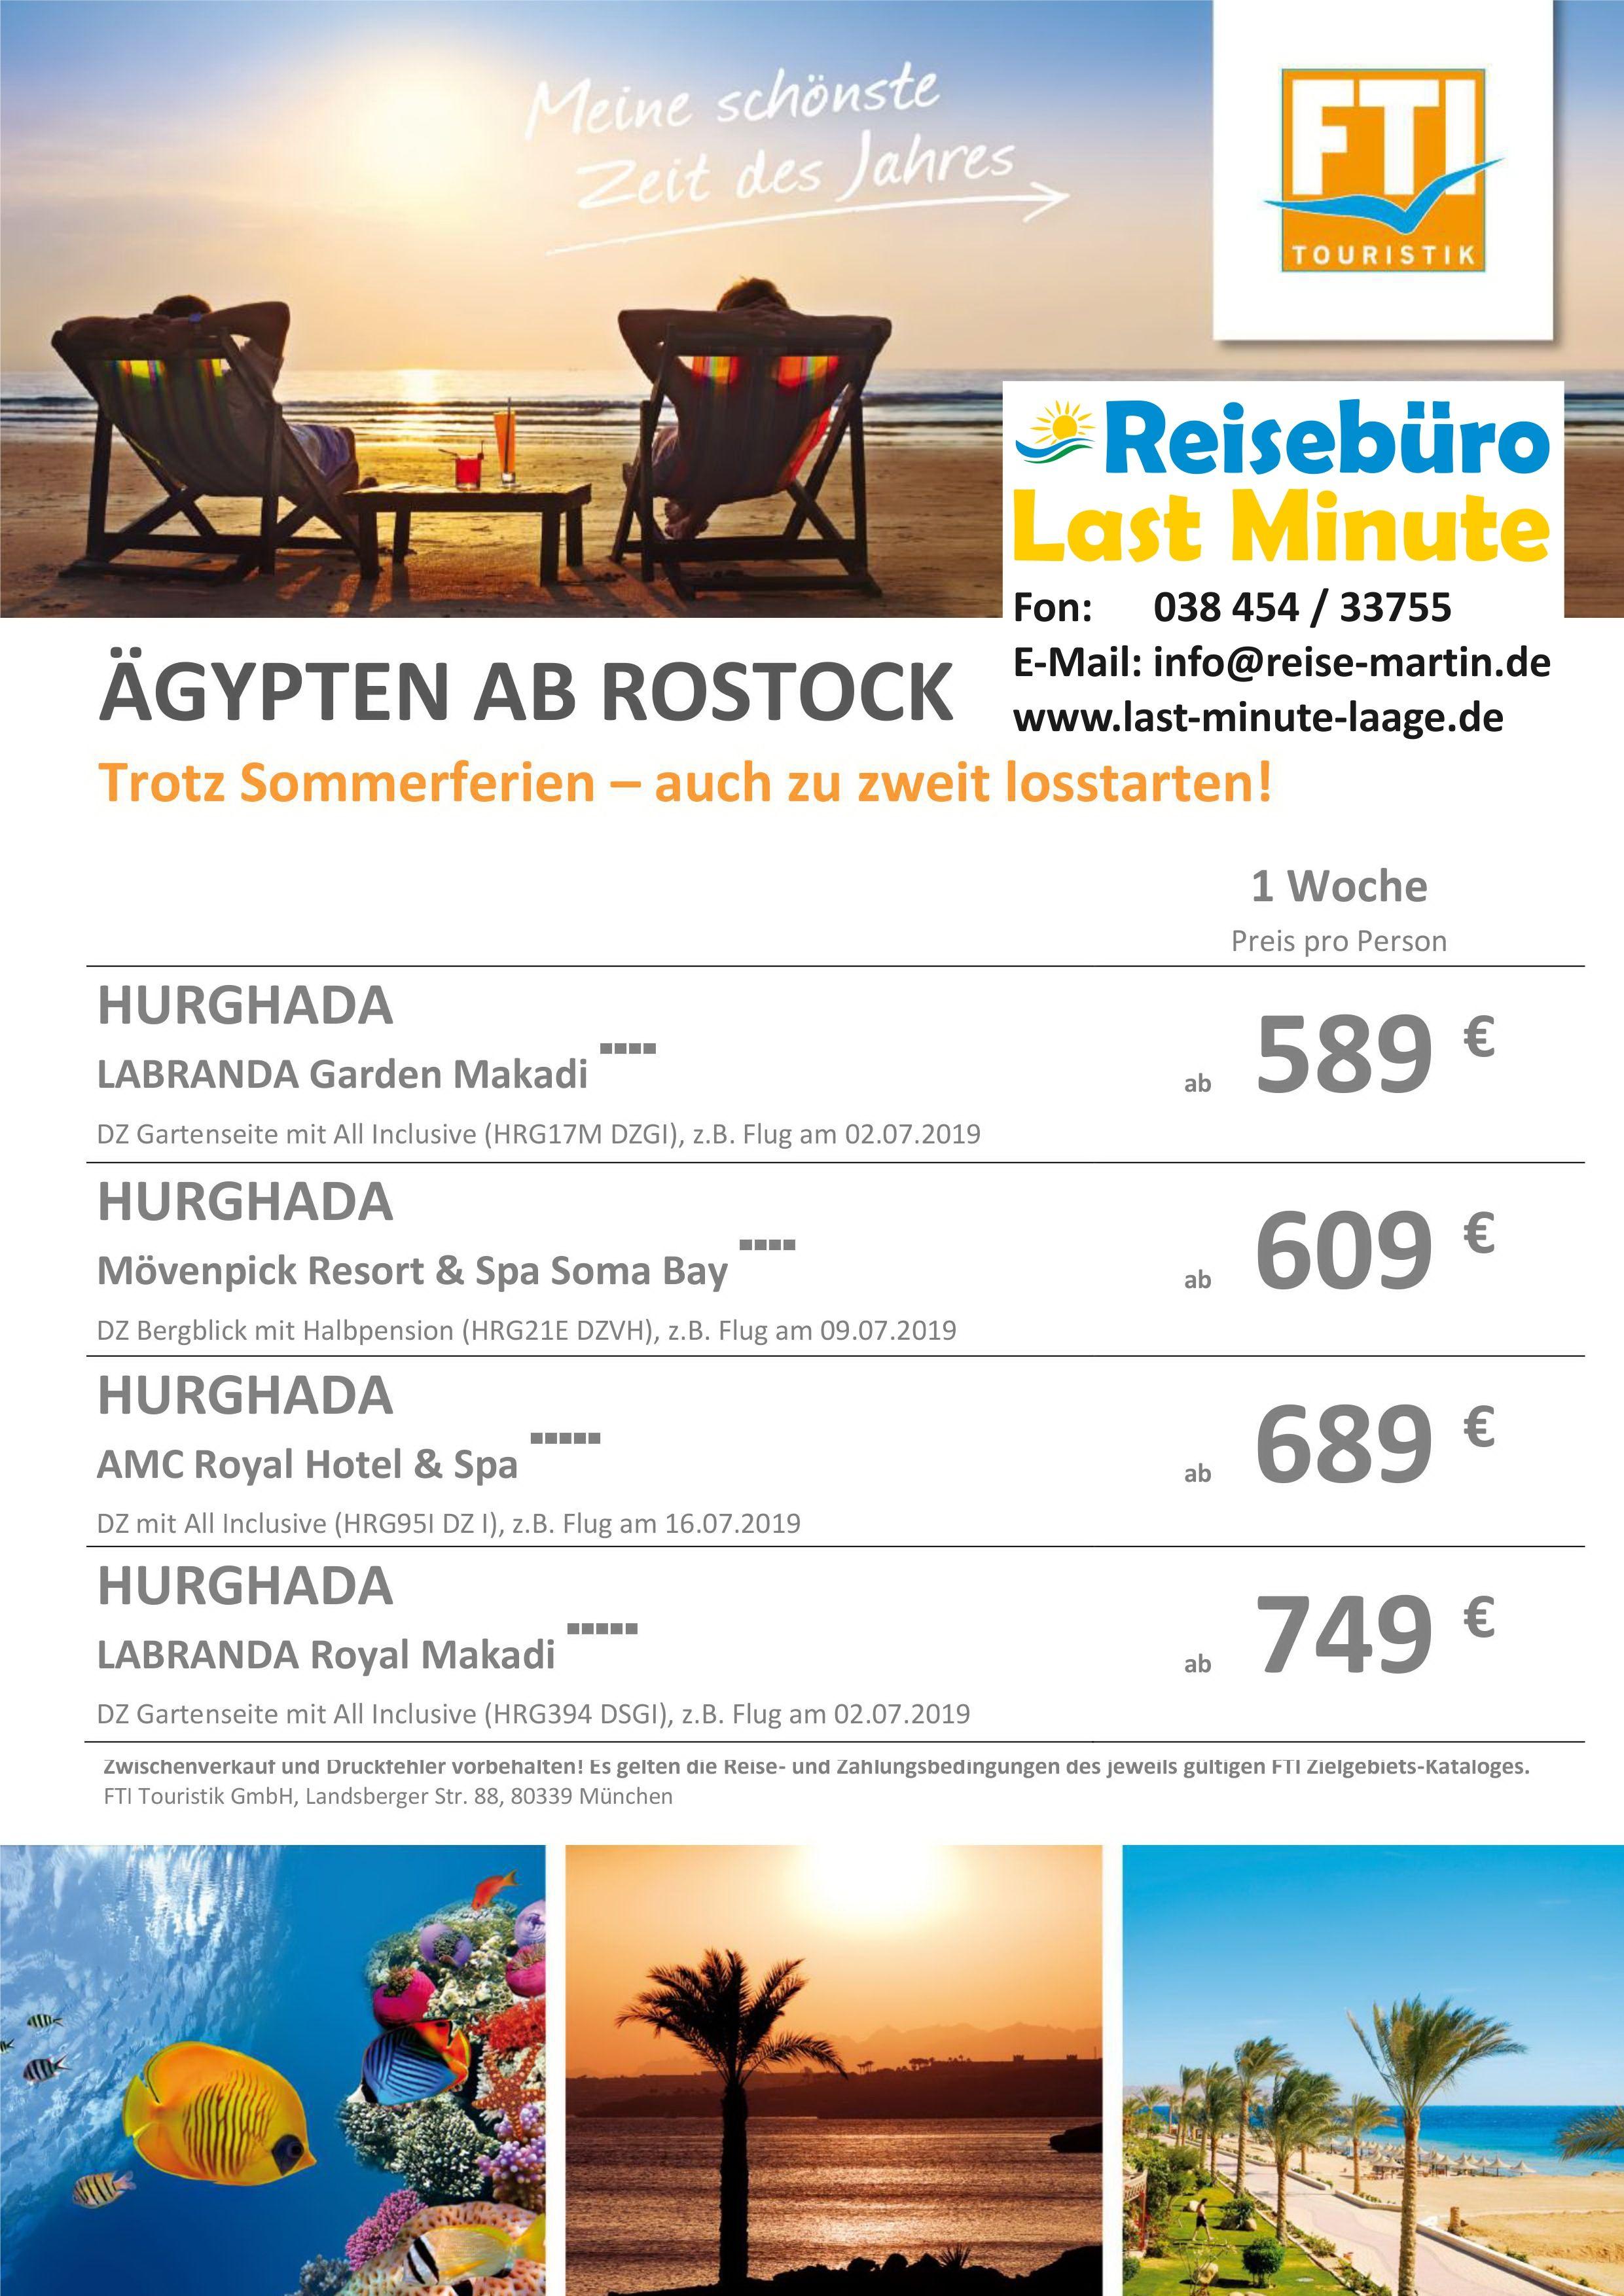 Mit FTI Touristik nach Hurghada ab Rostock Airport